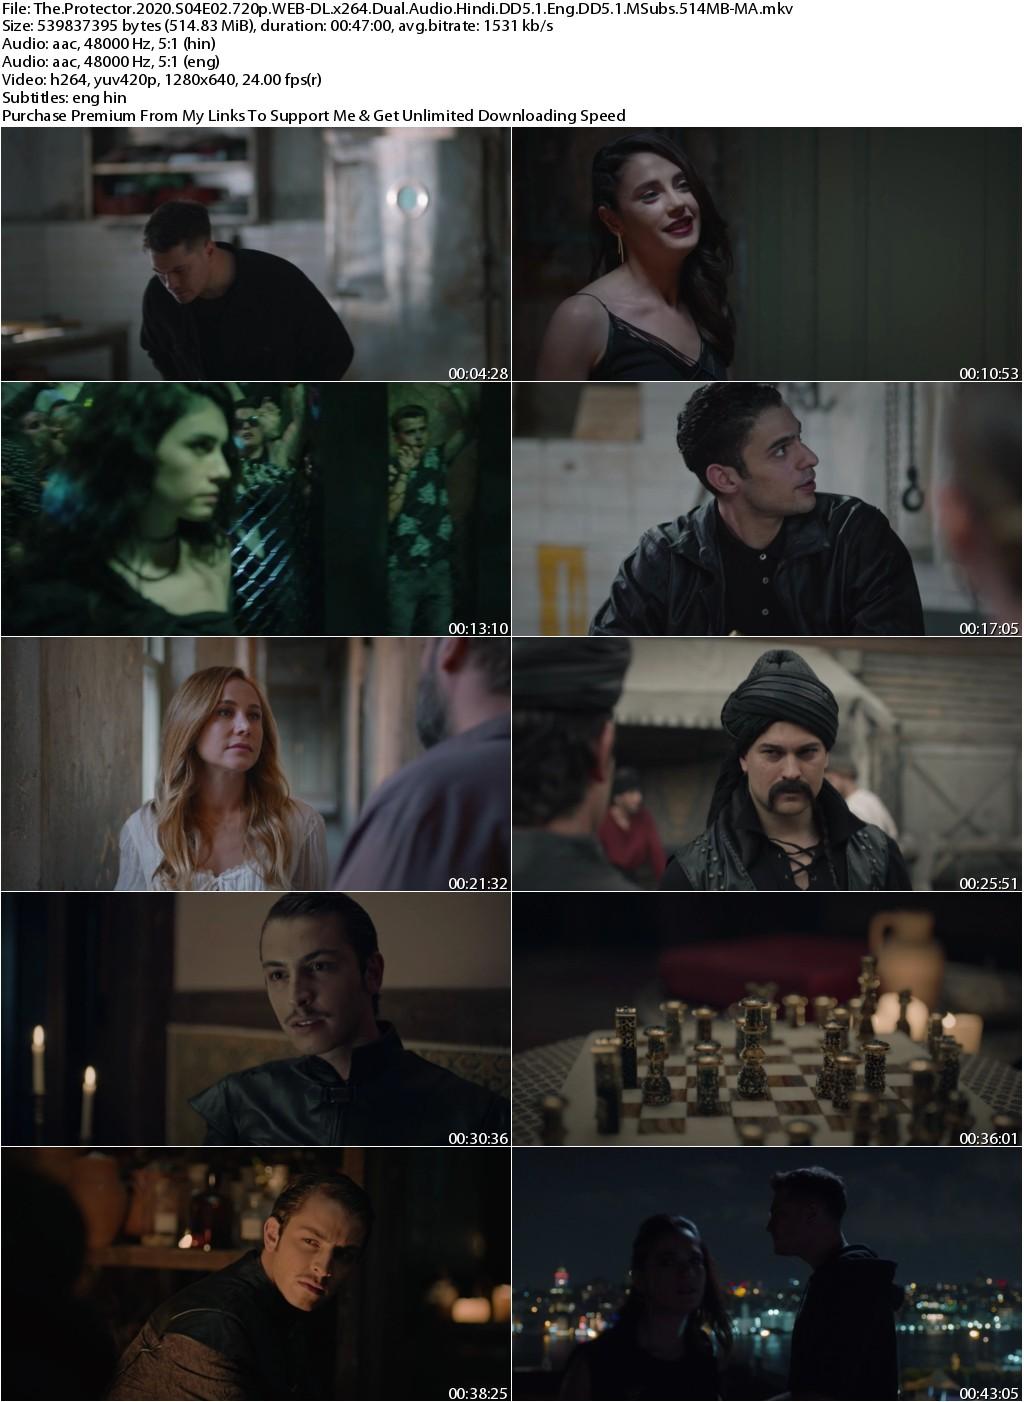 The Protector 2020 Season 04 720p WEB-DL Dual Audio Hindi DD5.1 Eng DD5.1 3.34GB-MA